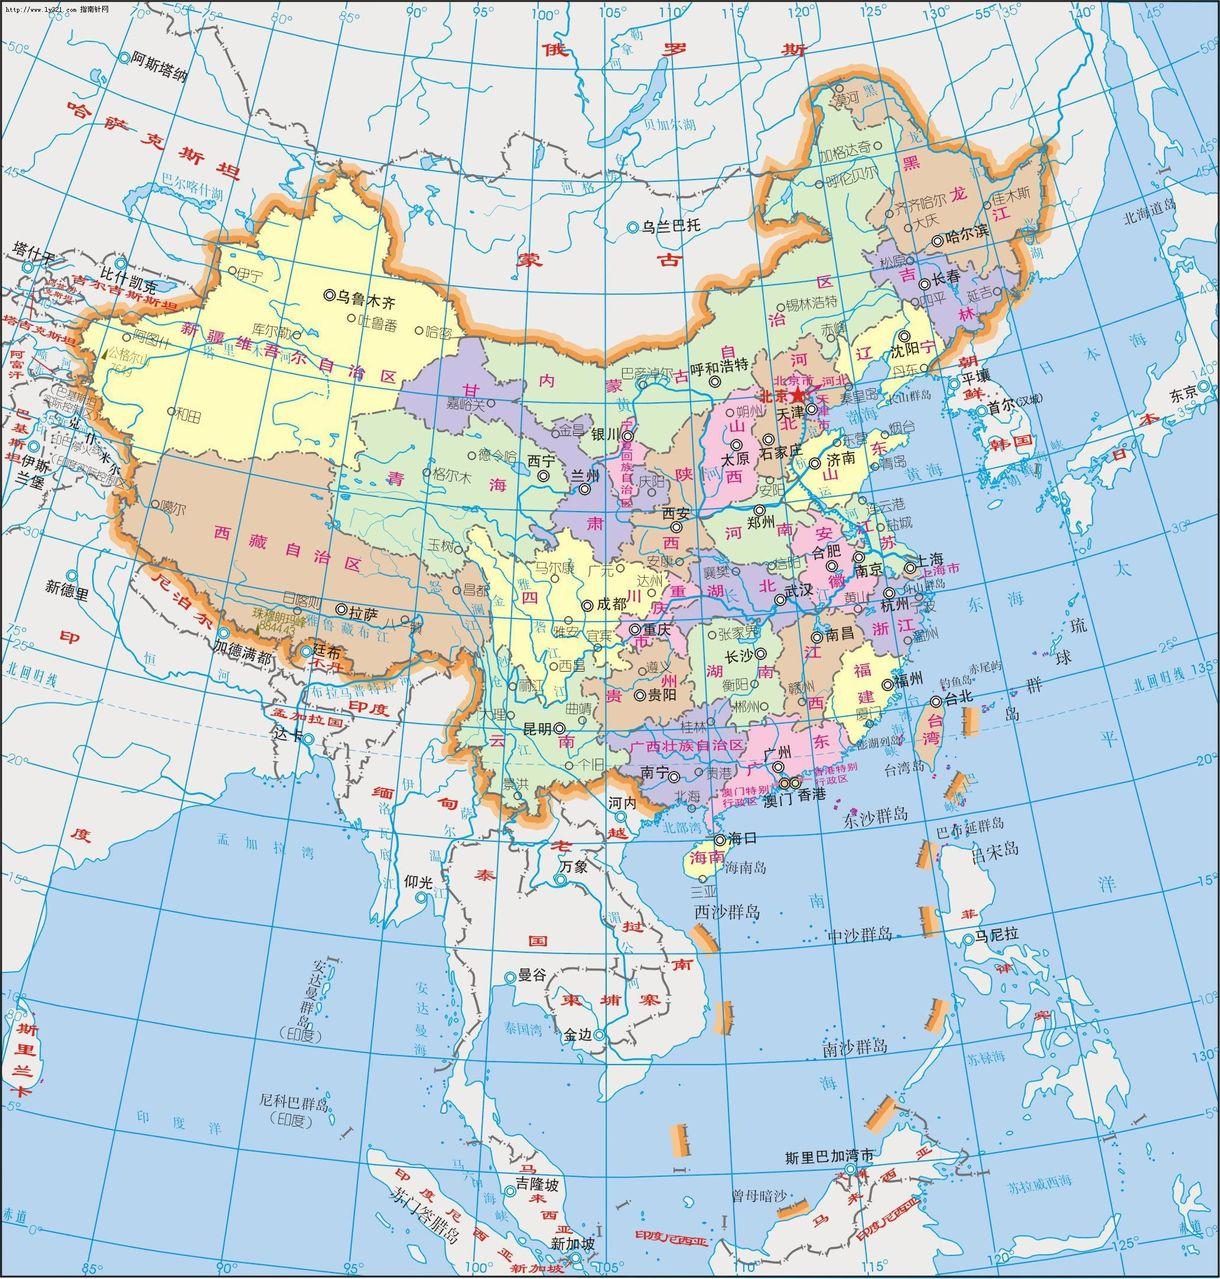 中国/中华人民共和国简称中国,位于亚洲东部、太平洋西岸,它的版图...